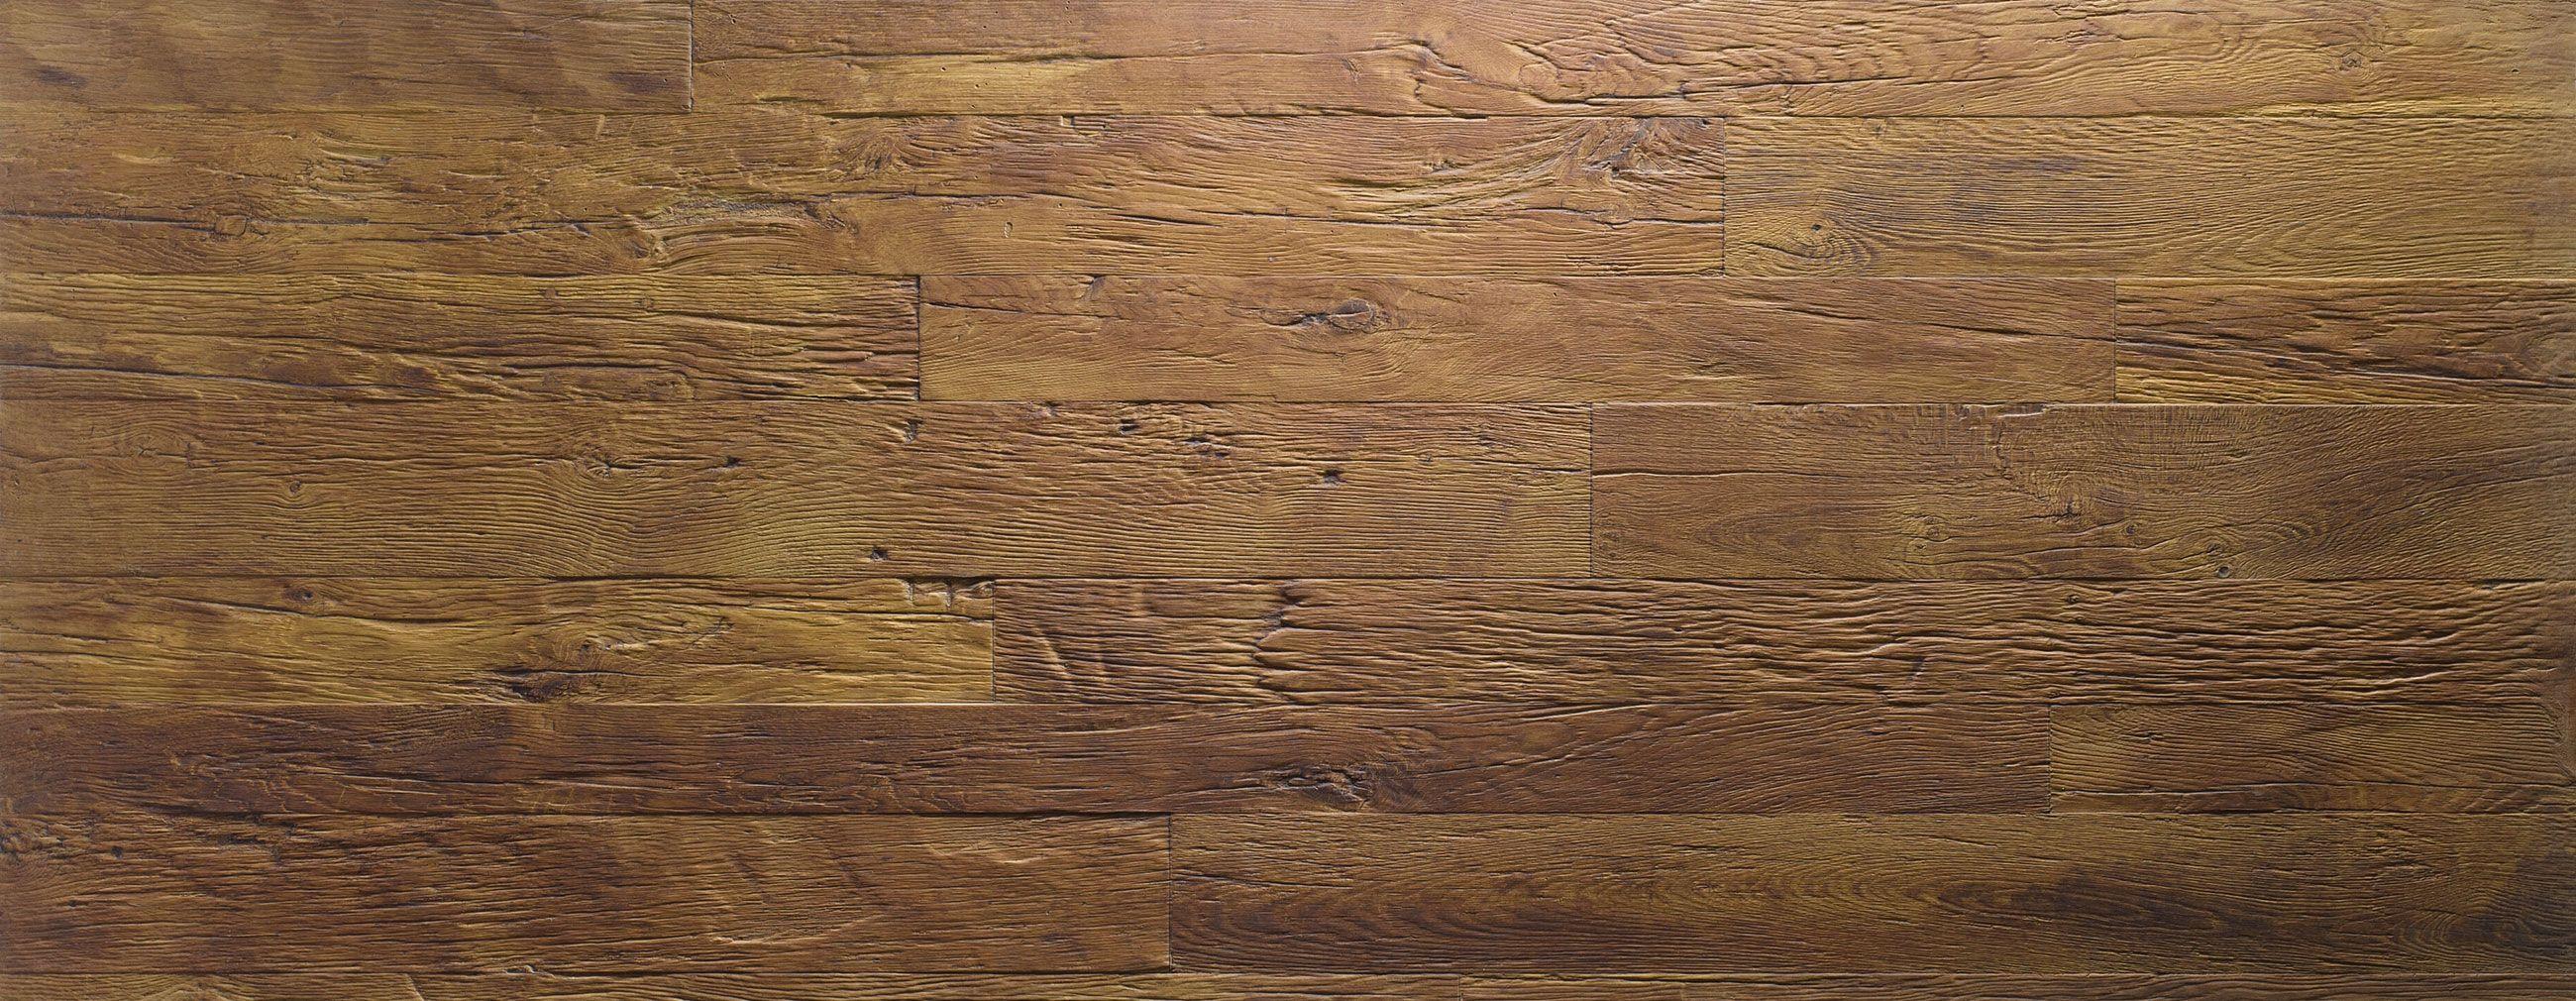 imi-altholz Eiche-geplankt | Oberflächen | Wood surface ...